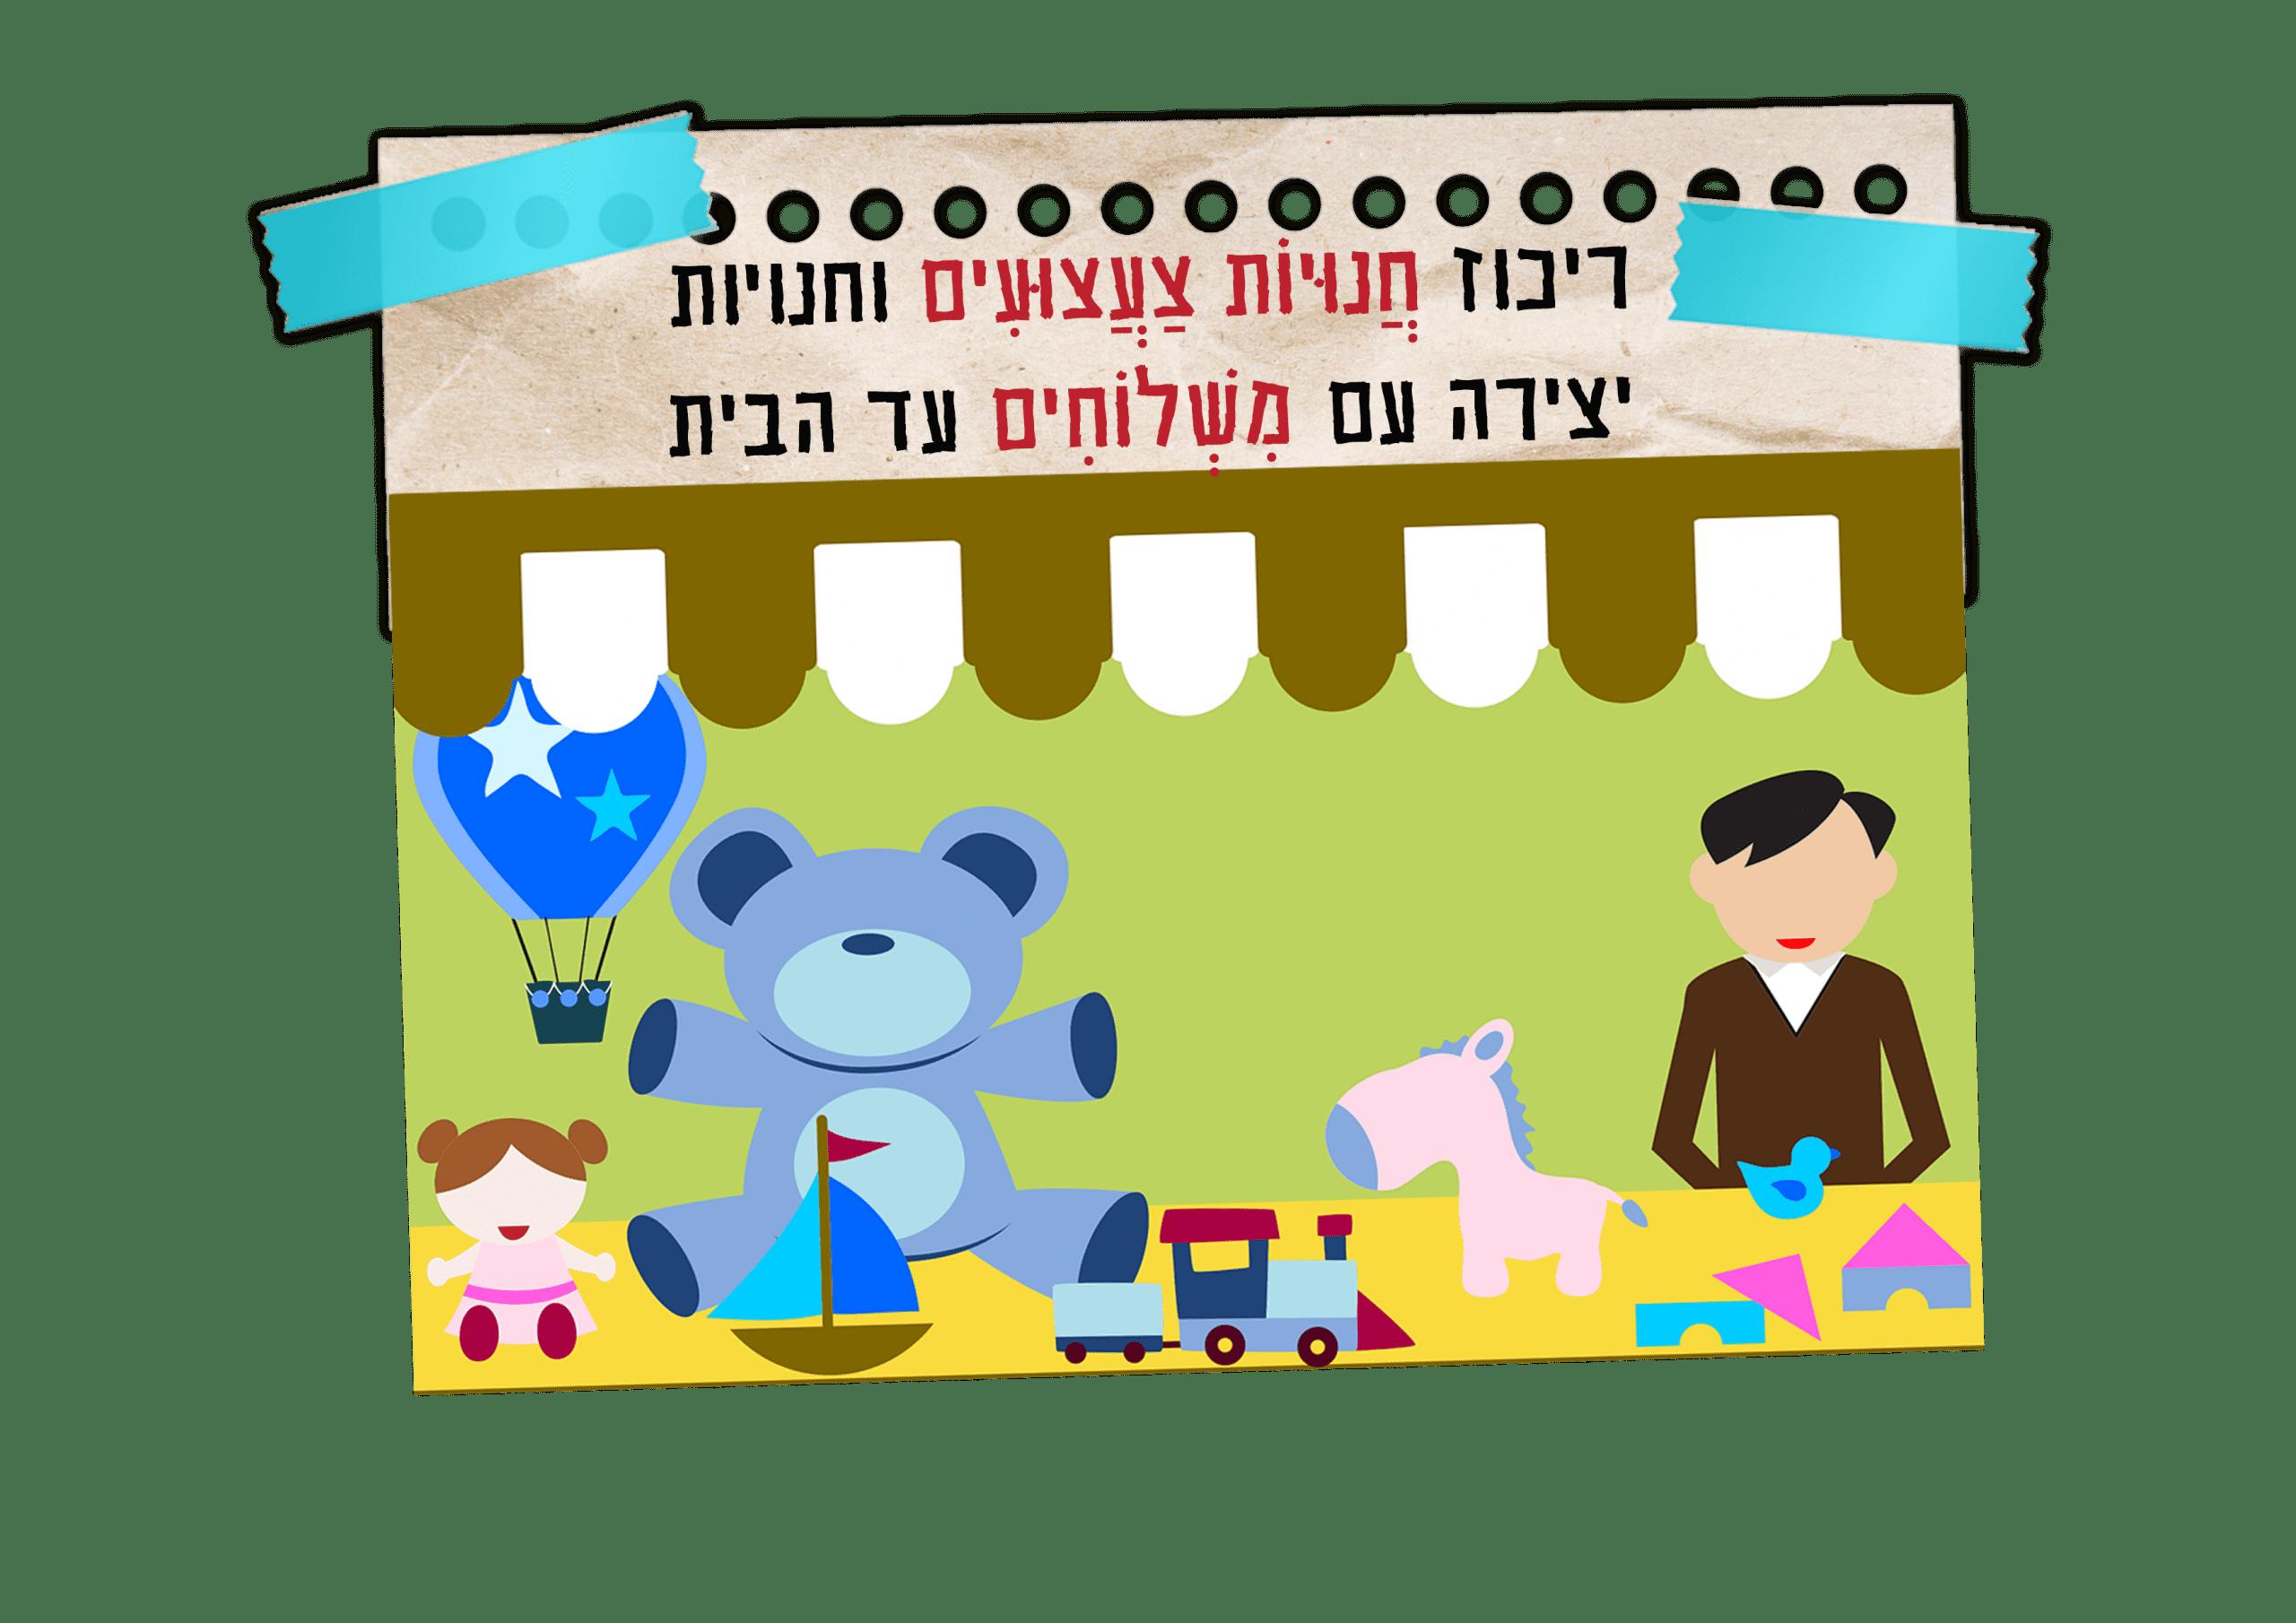 ריכוז חנויות צעצועים וחנויות יצירה עם משלוחים עד הבית